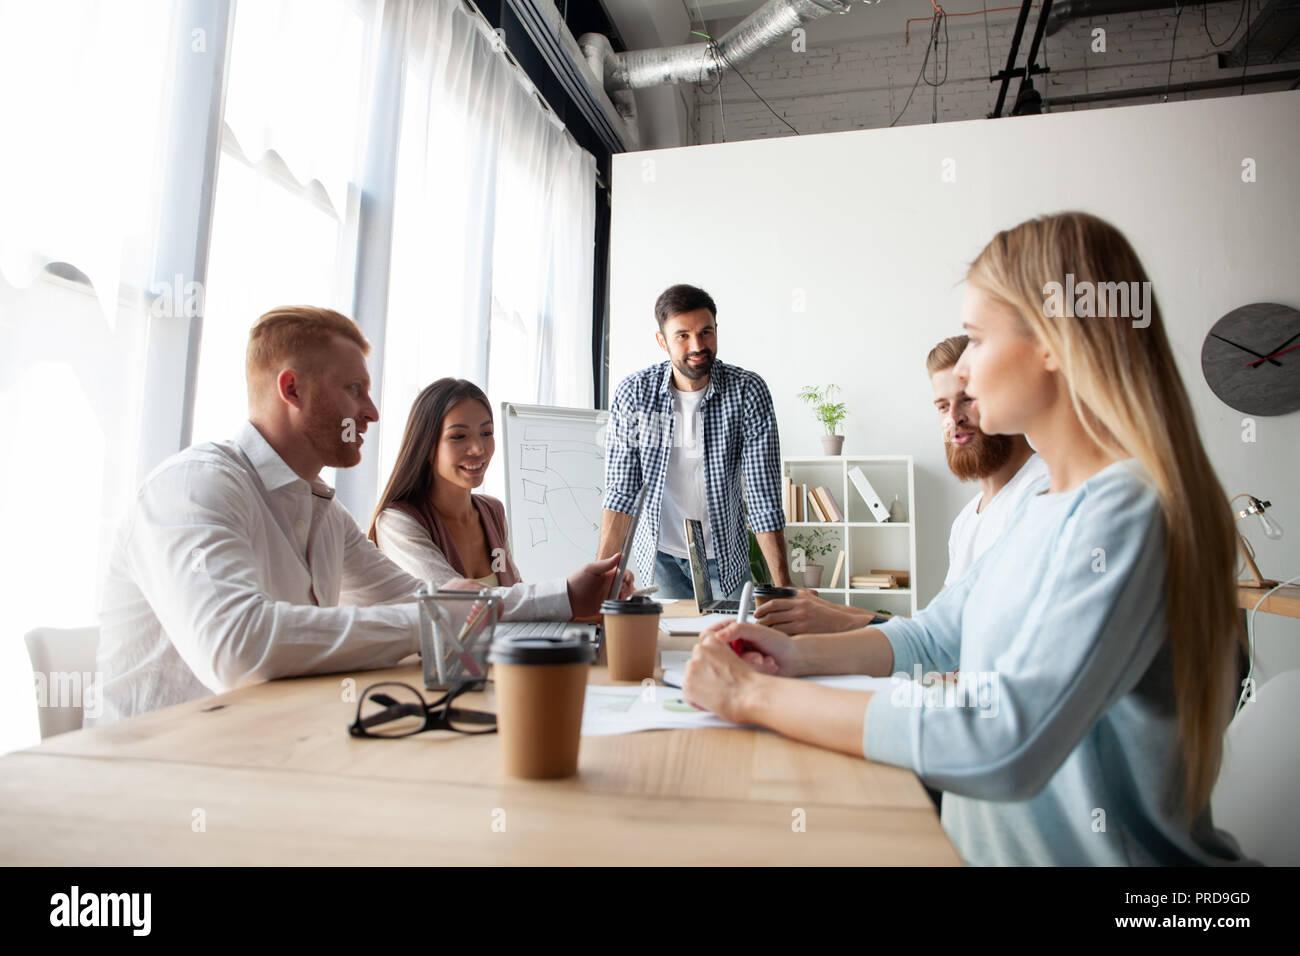 Jeune équipe de collègues faisant des affaires discussion en bureau coworking modernes.Les gens d'équipe concept Photo Stock